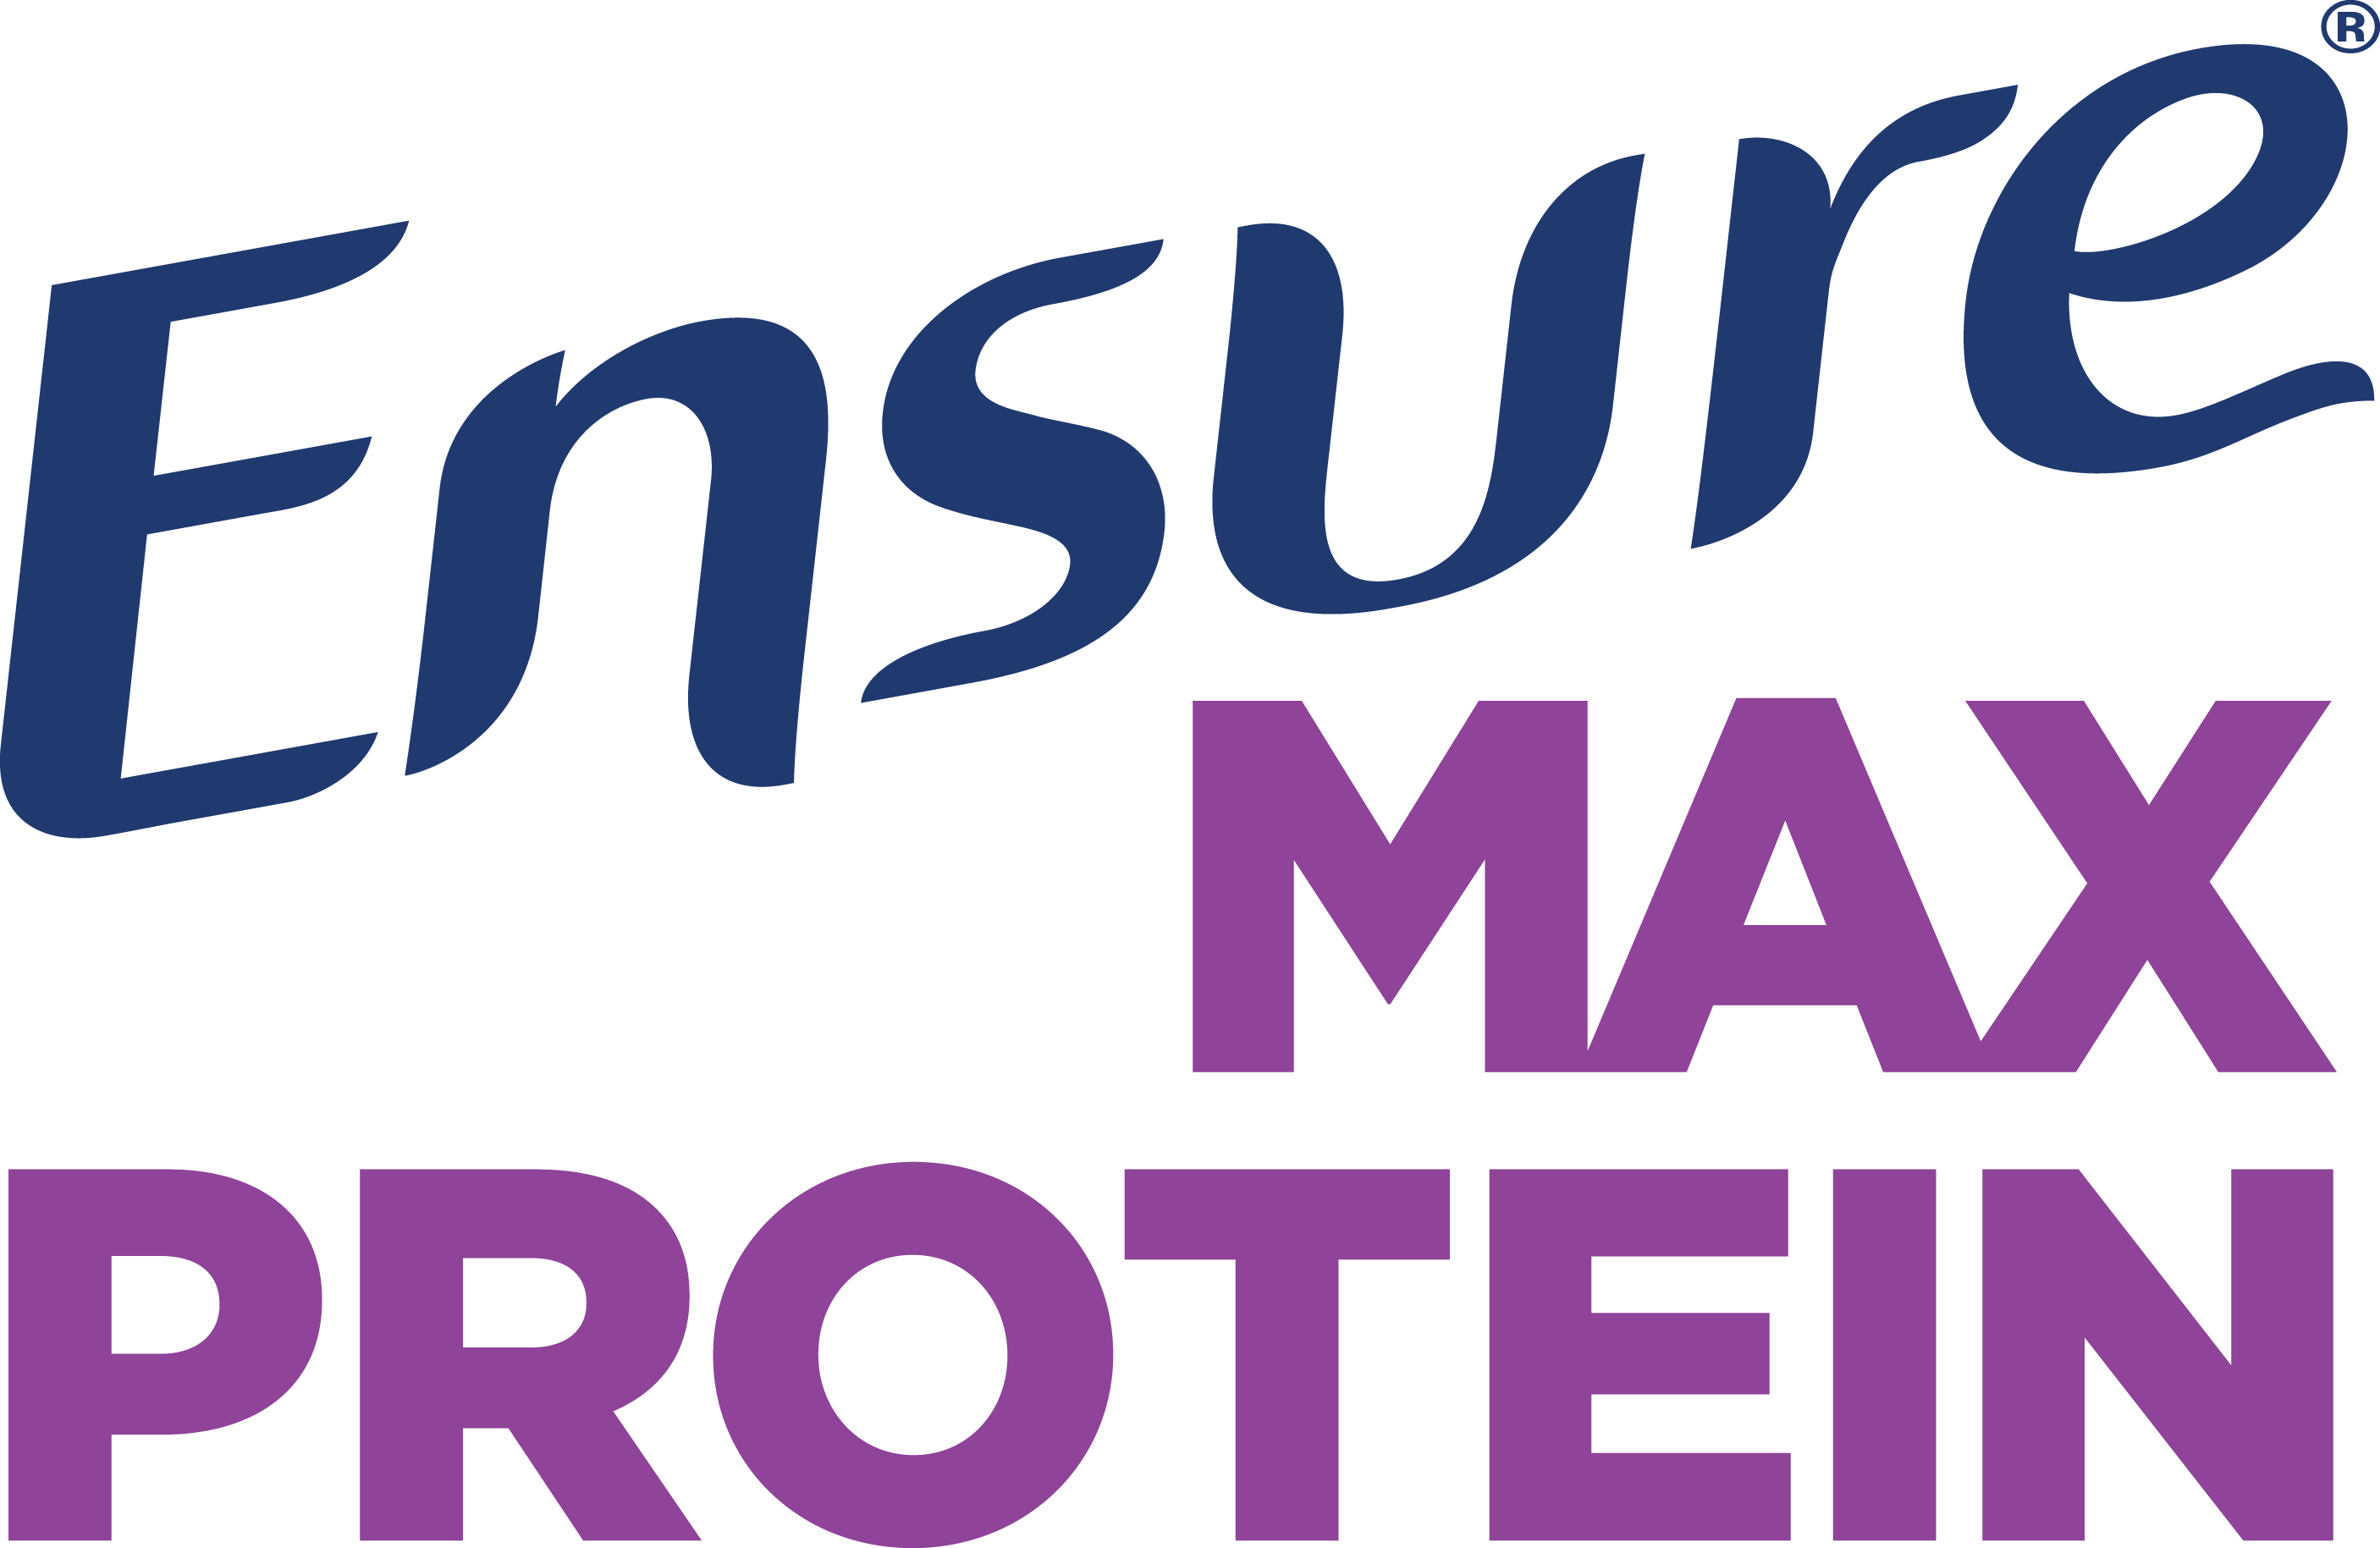 ENS Max Protein Lockup RGB